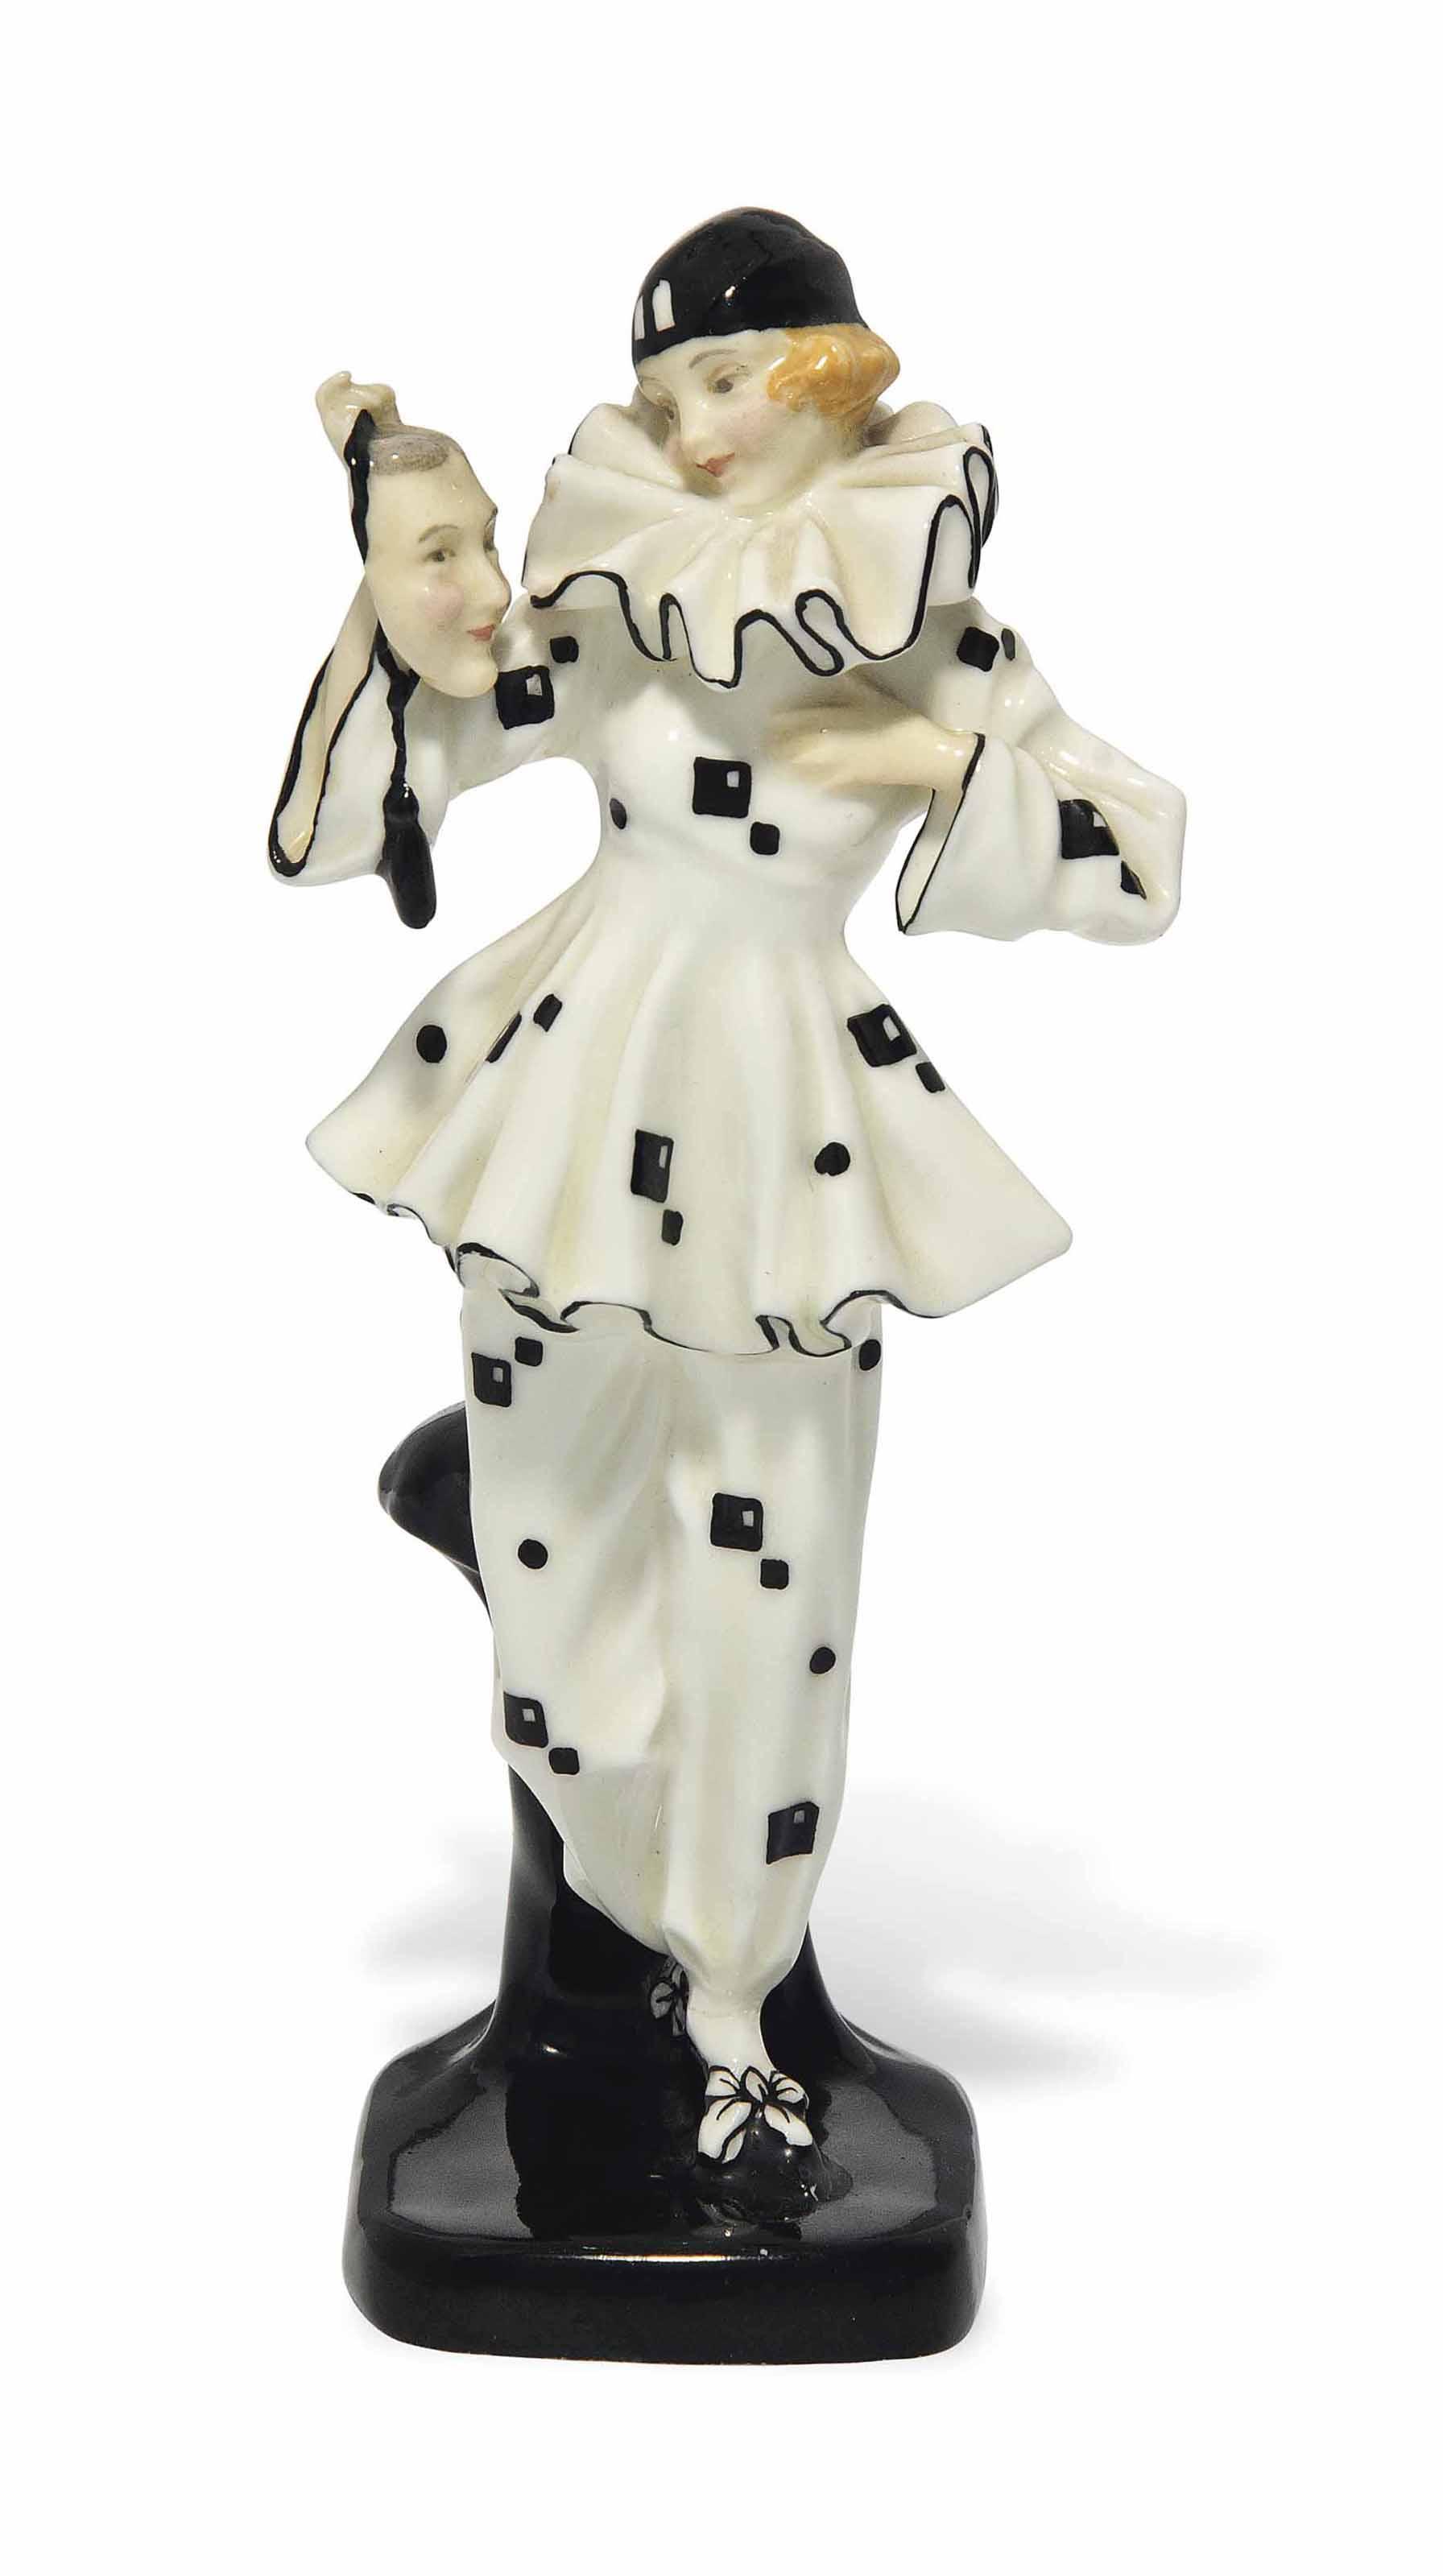 'THE MASK', A ROYAL DOULTON PORCELAIN FIGURE DESIGNED BY LESLIE HARRADINE